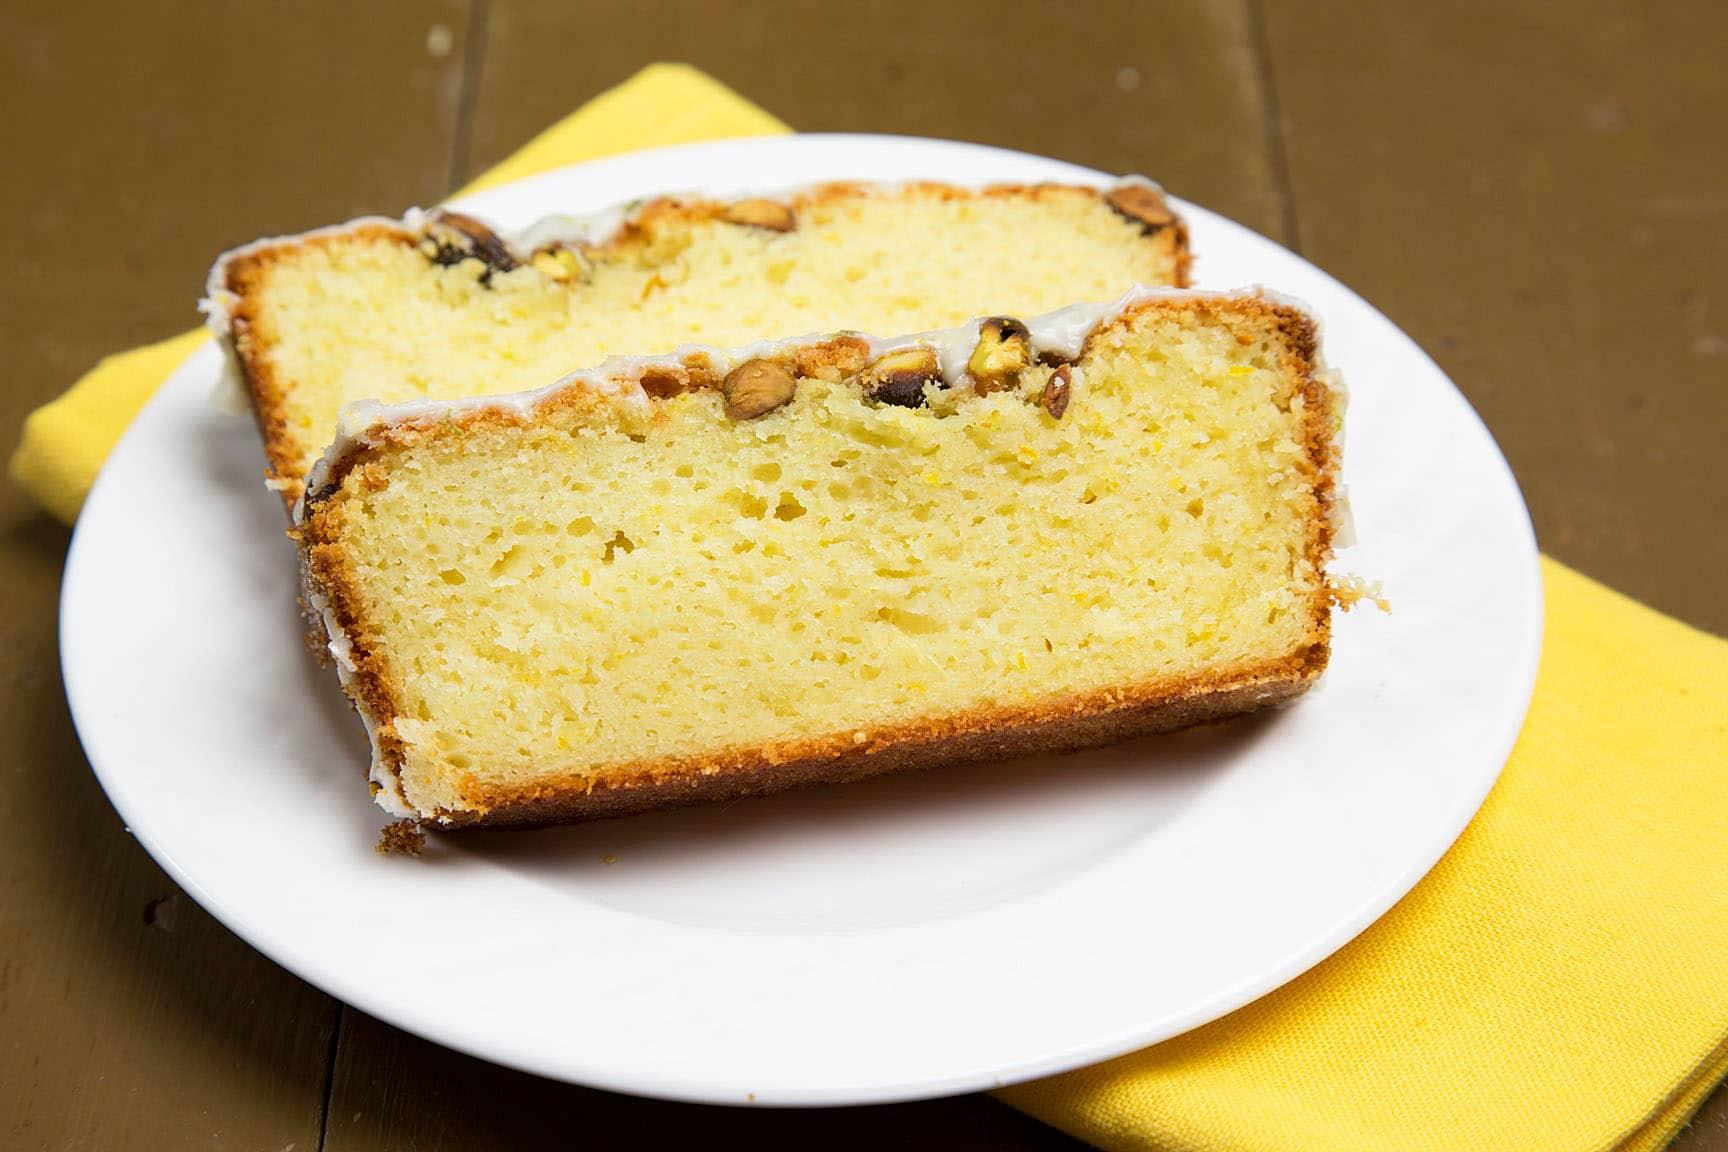 Lemon Cake Recipes On Pinterest: My Seven Favorite Meyer Lemon Recipes